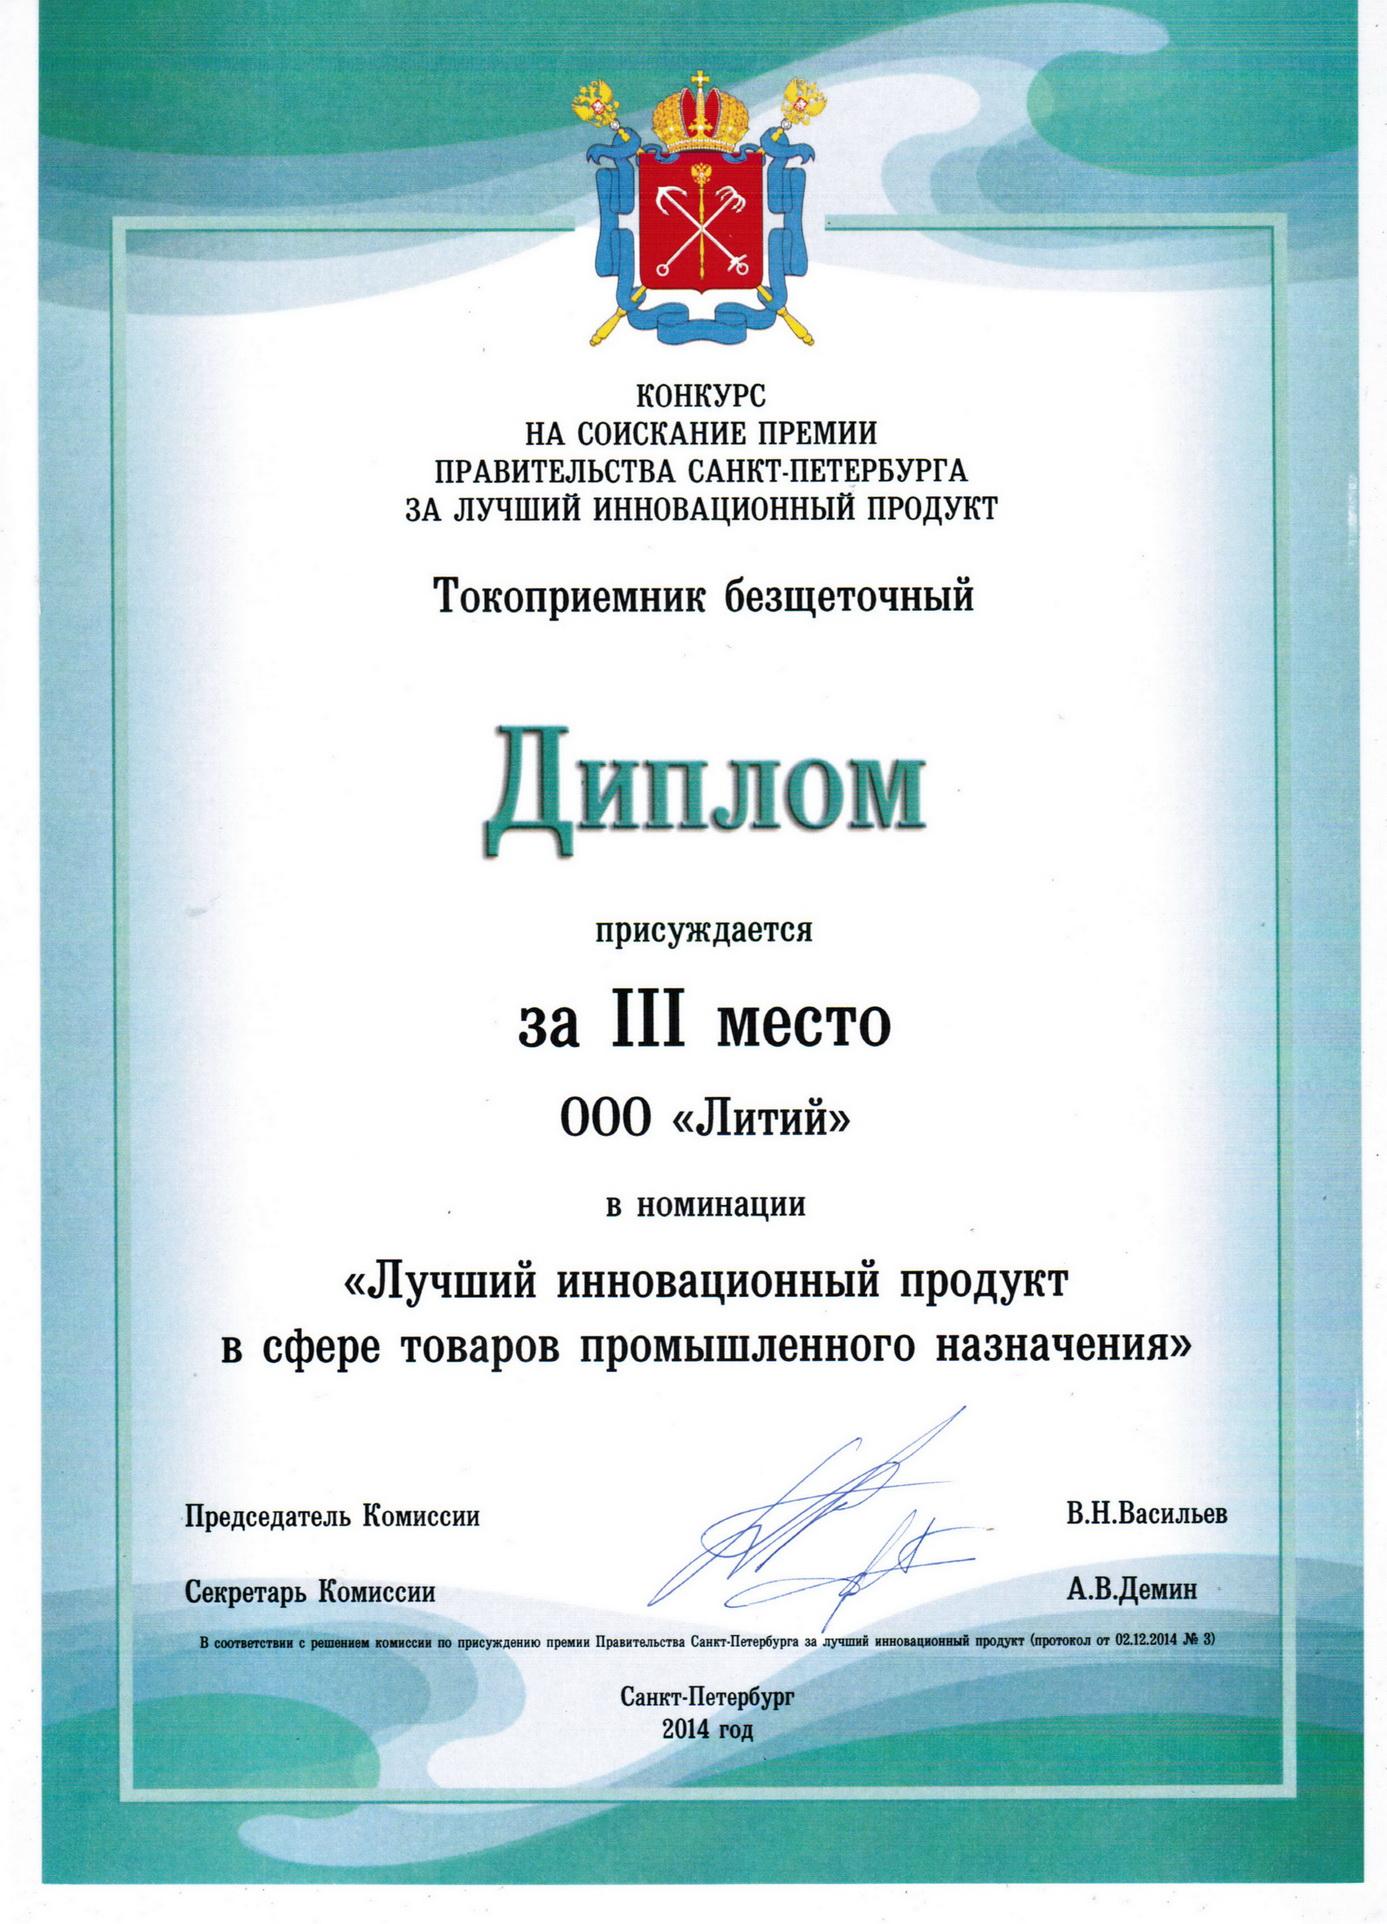 Конкурс лучший инновационный продукт санкт петербурга